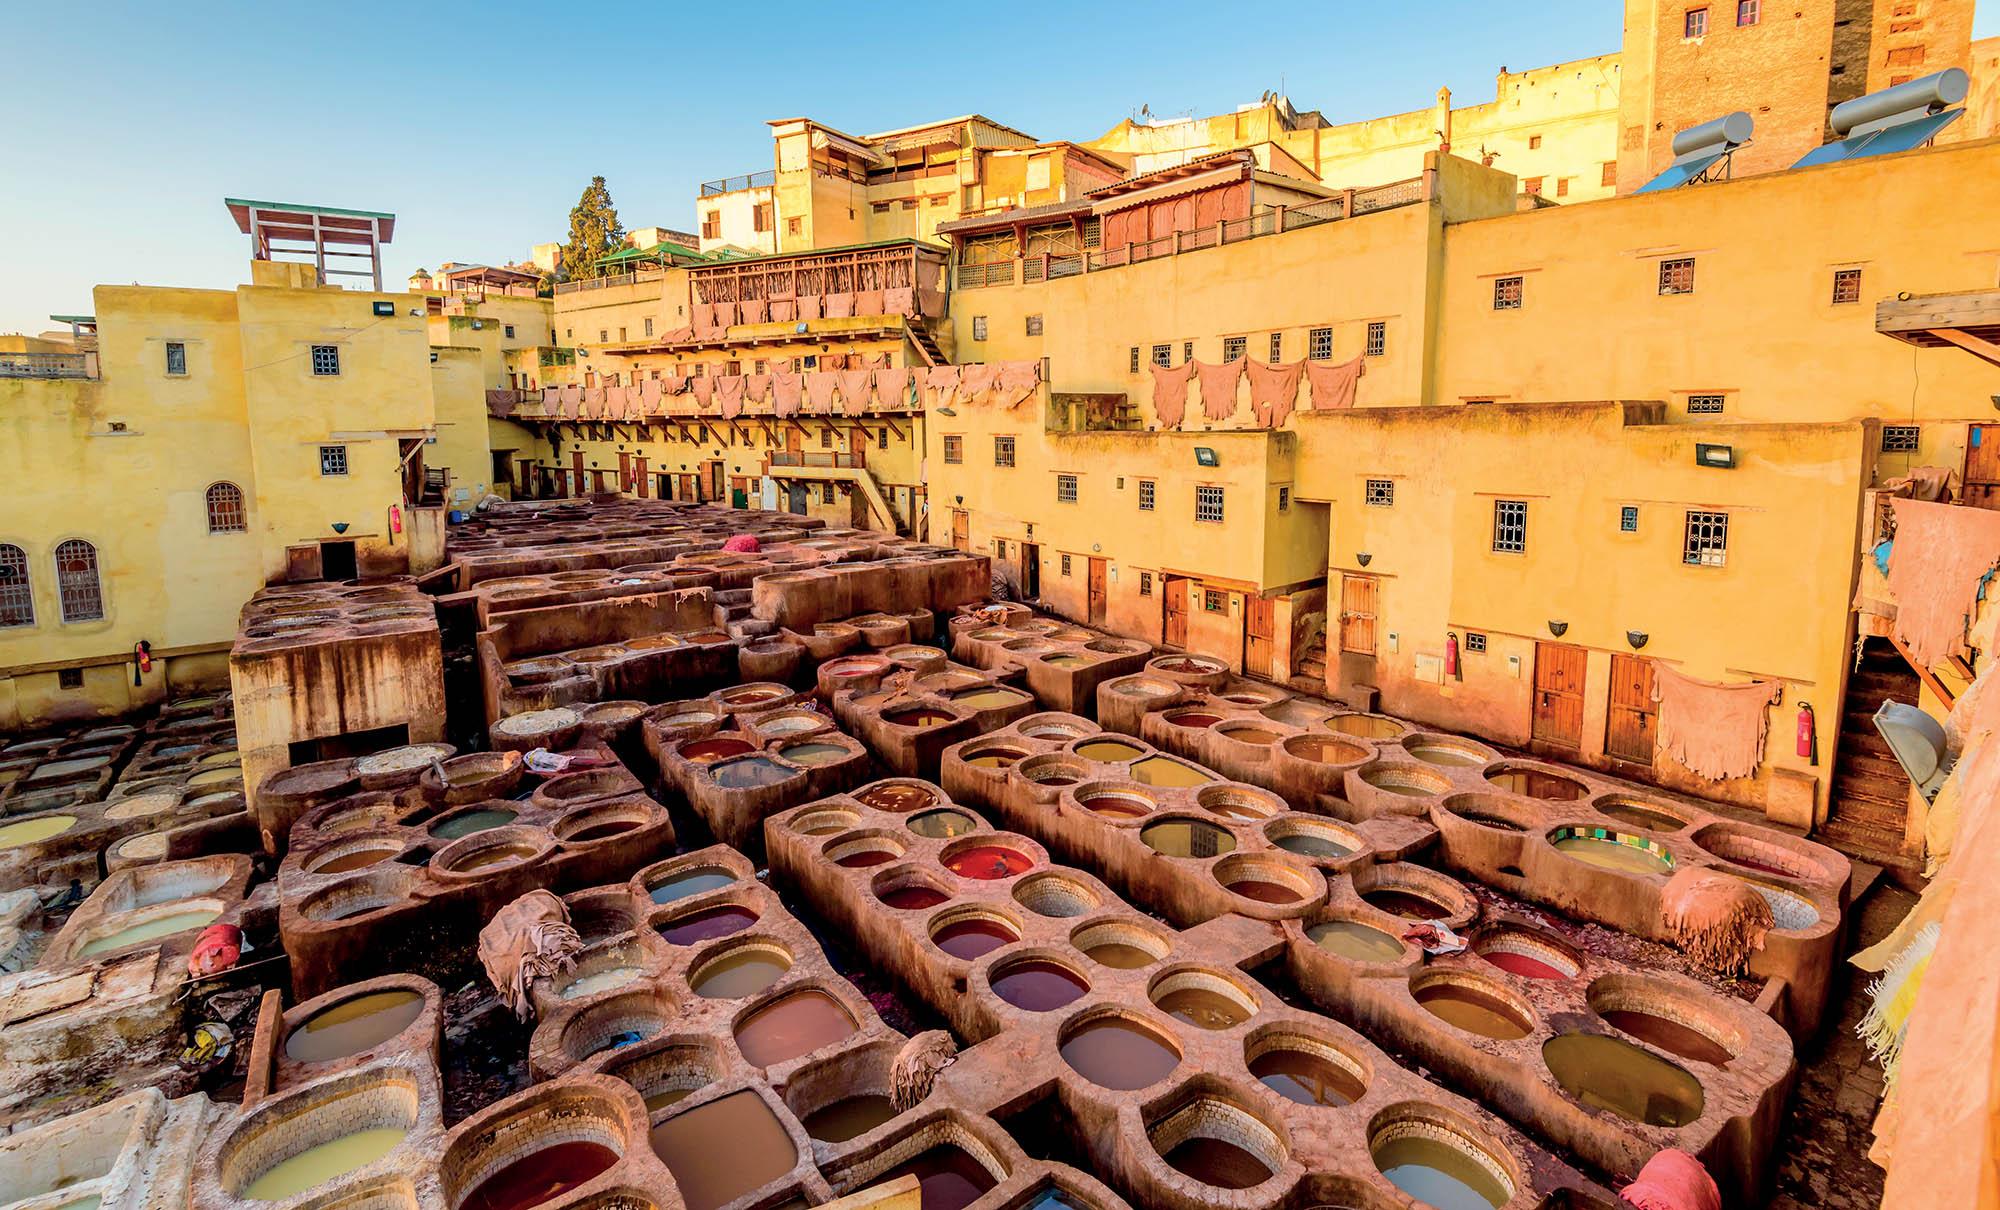 Morocco du lịch xưởng nhuộm da ở Fez